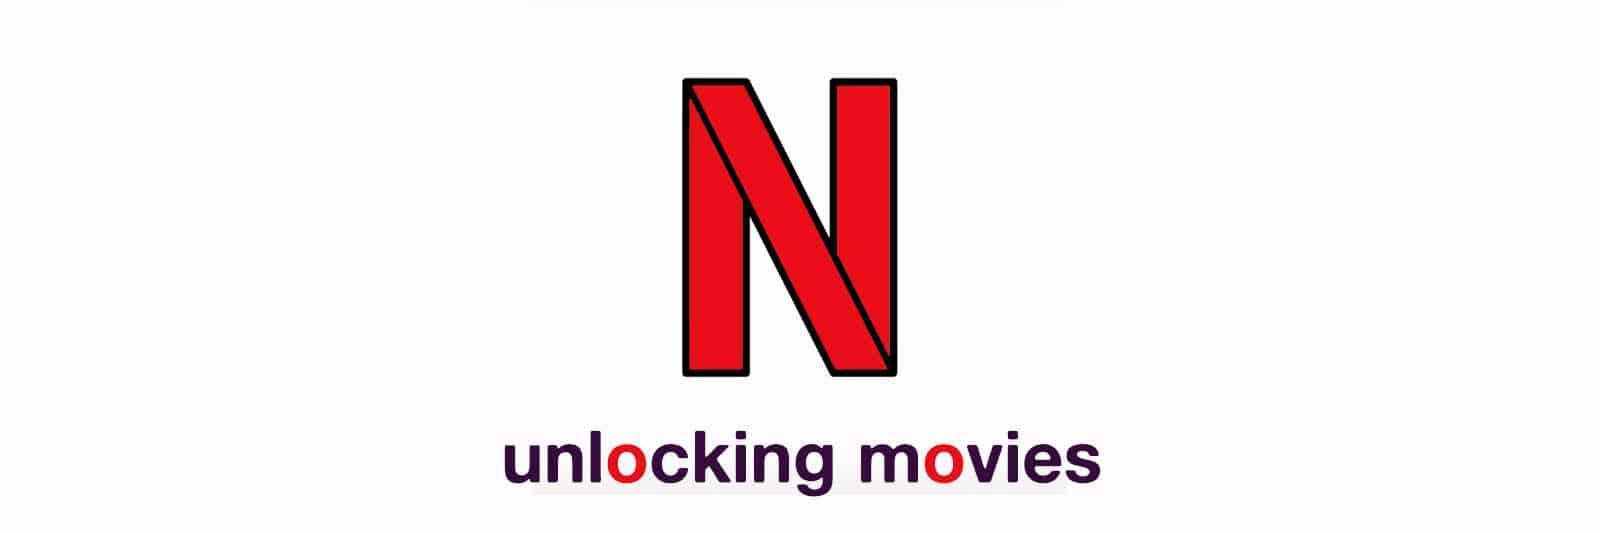 unlocking-movies